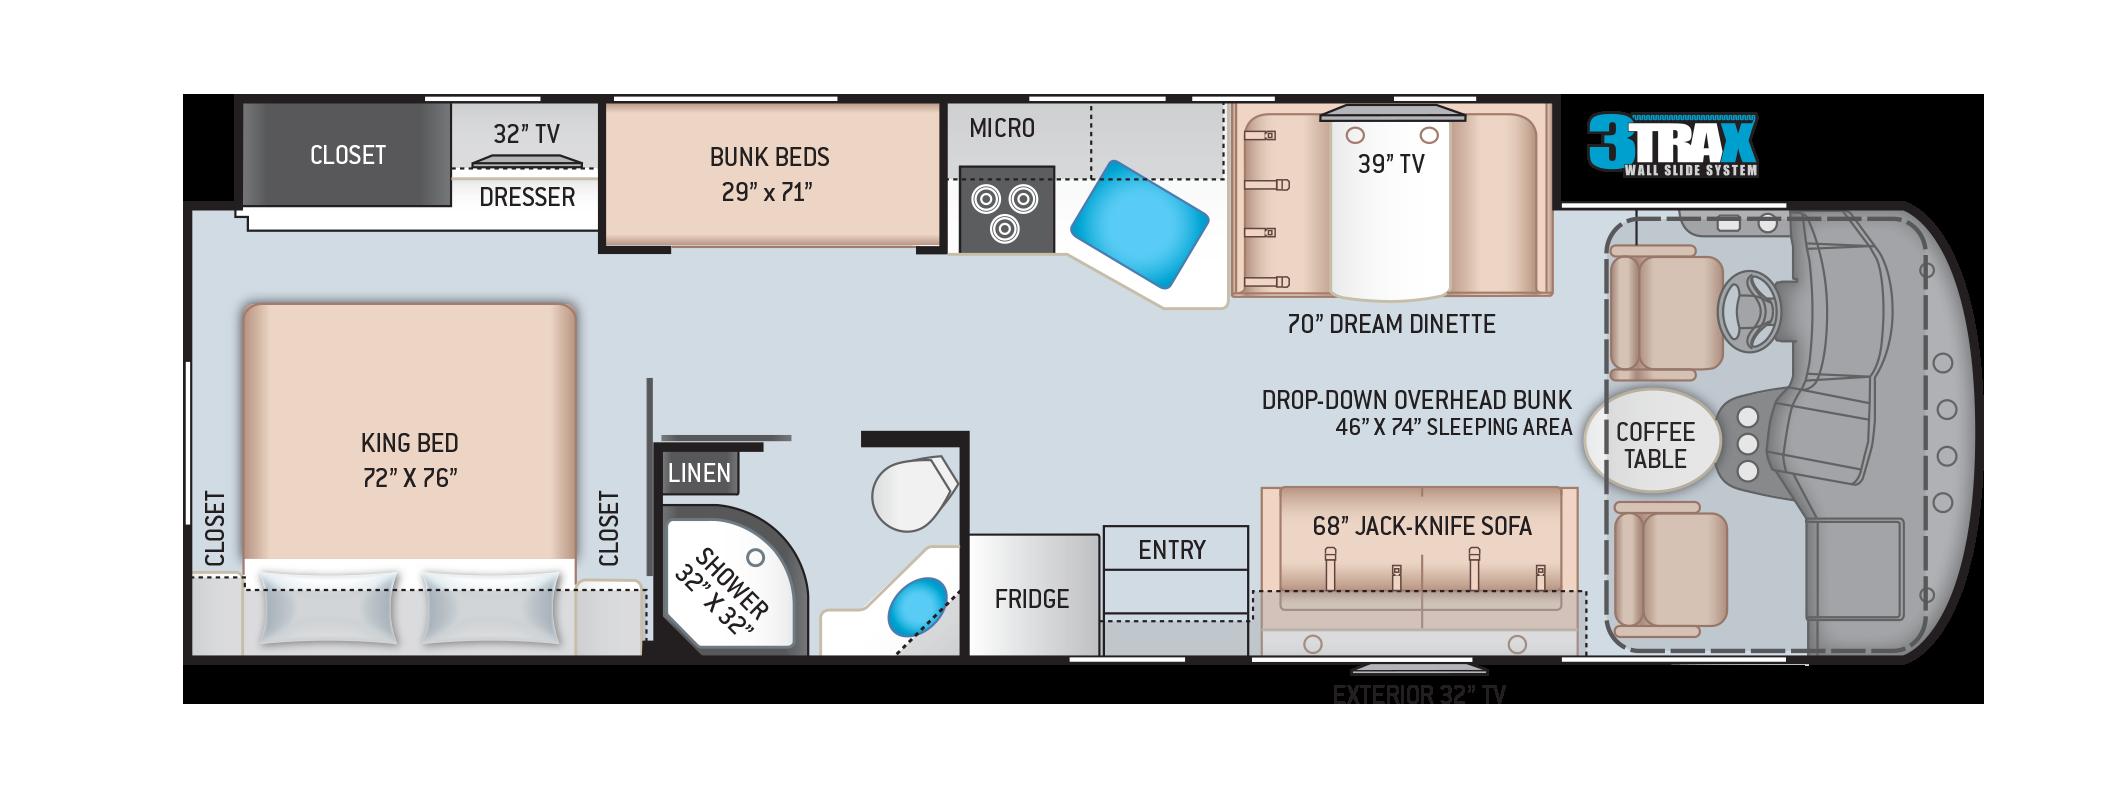 Freedom Traveler Class A RV A32 Floor Plan